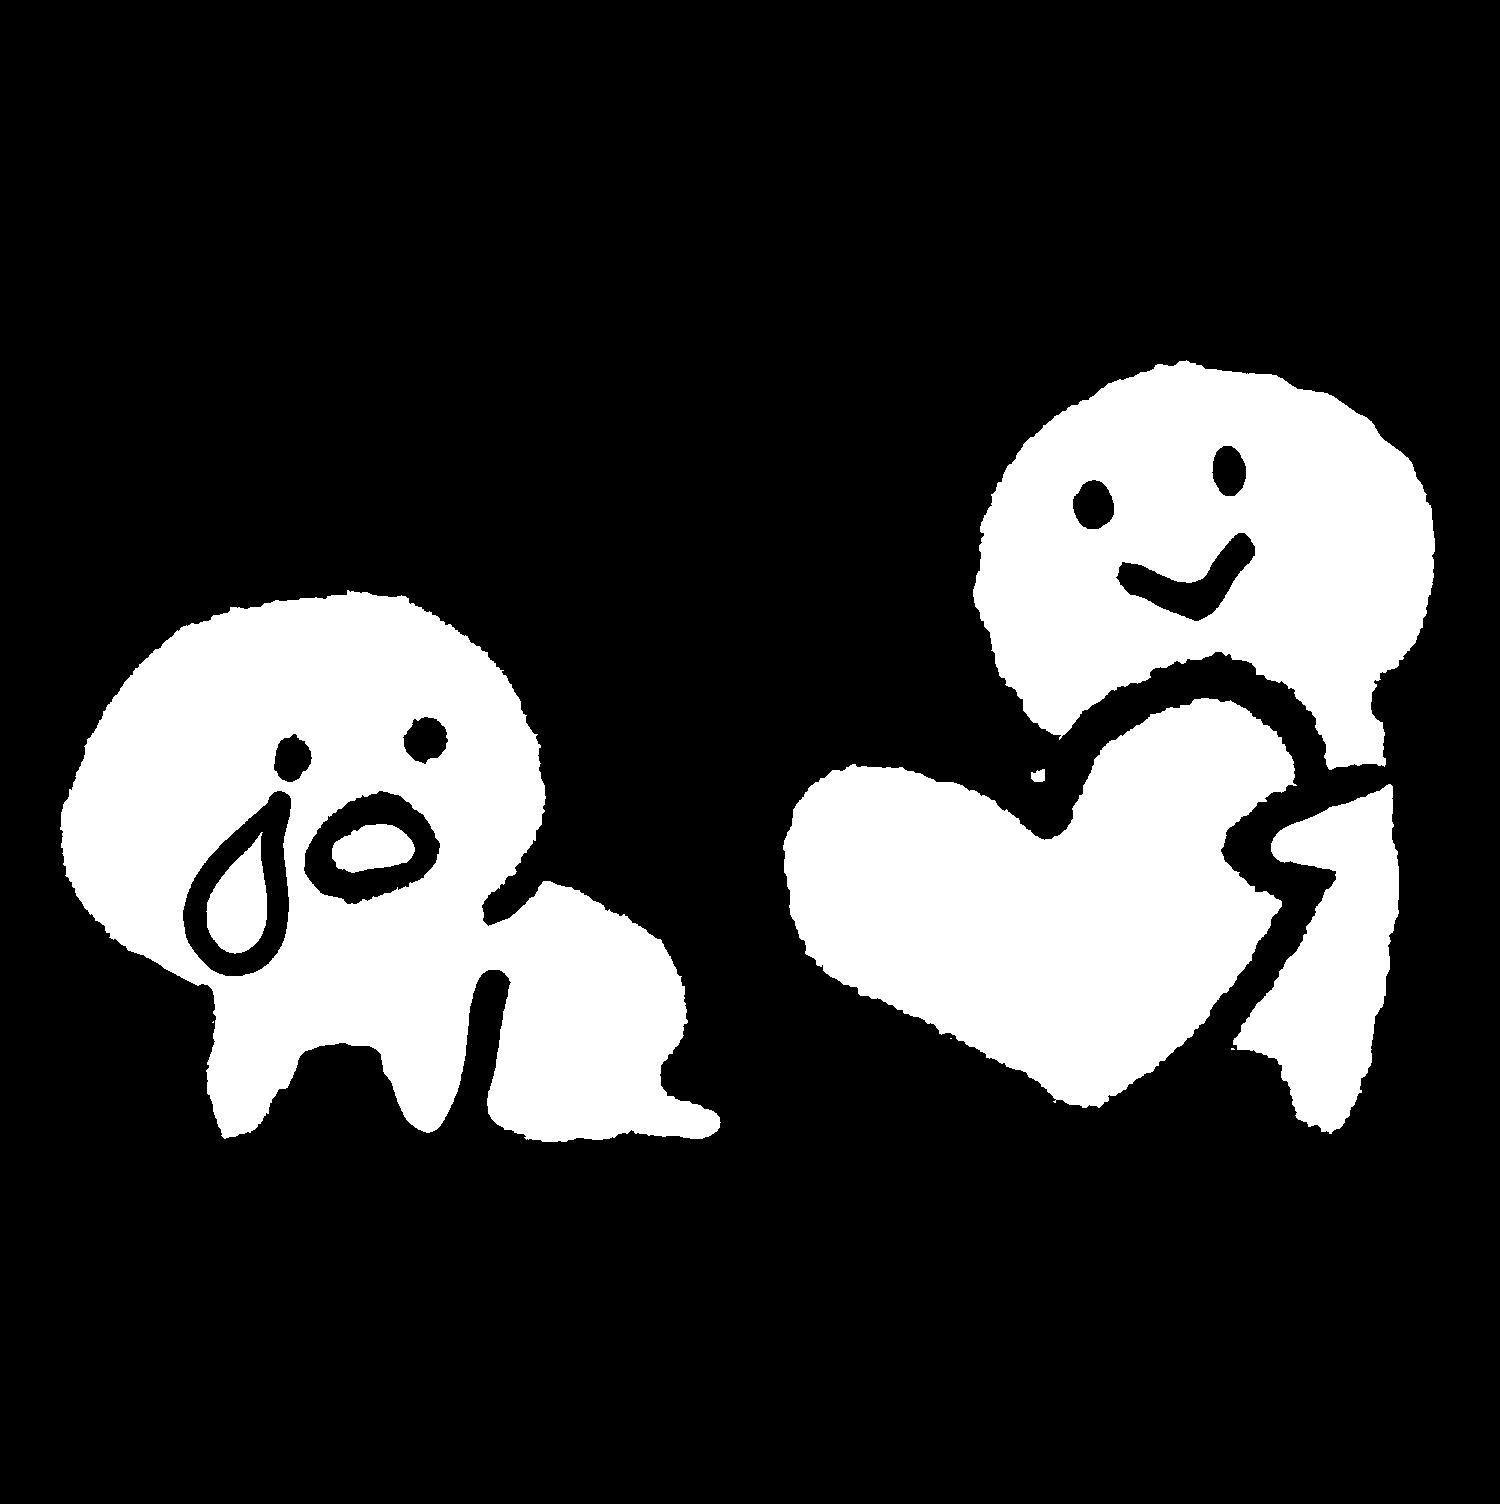 倒れて泣く人にハートを渡すのイラスト / Give a heart Illustration